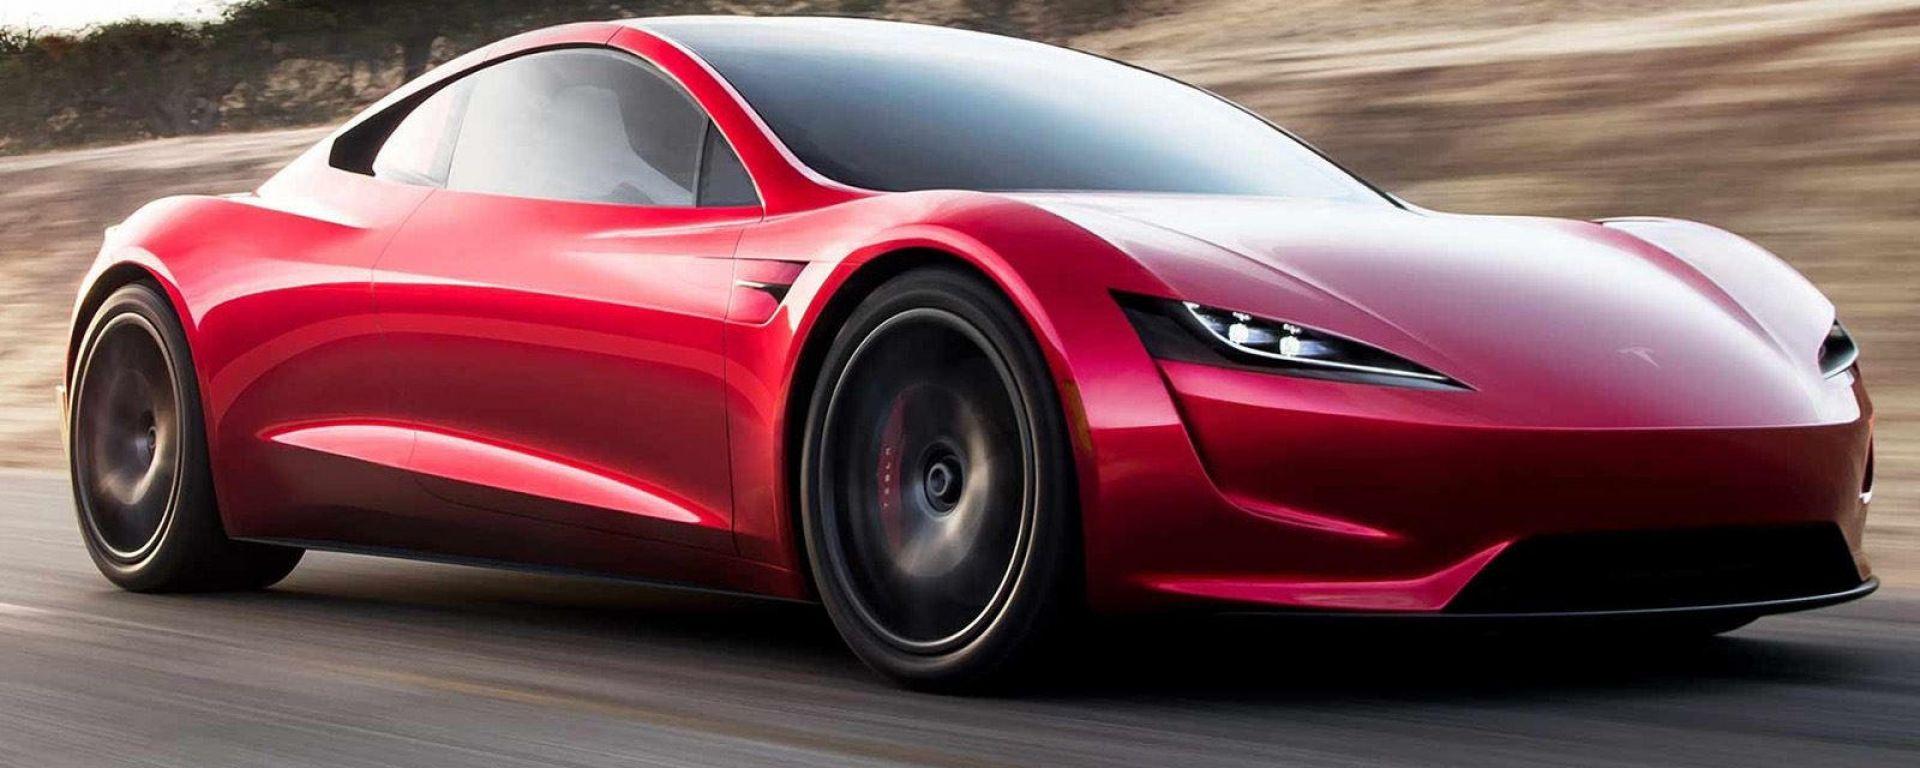 Tesla Roadster con il pacchetto SpaceX: visuale di 3/4 anteriore